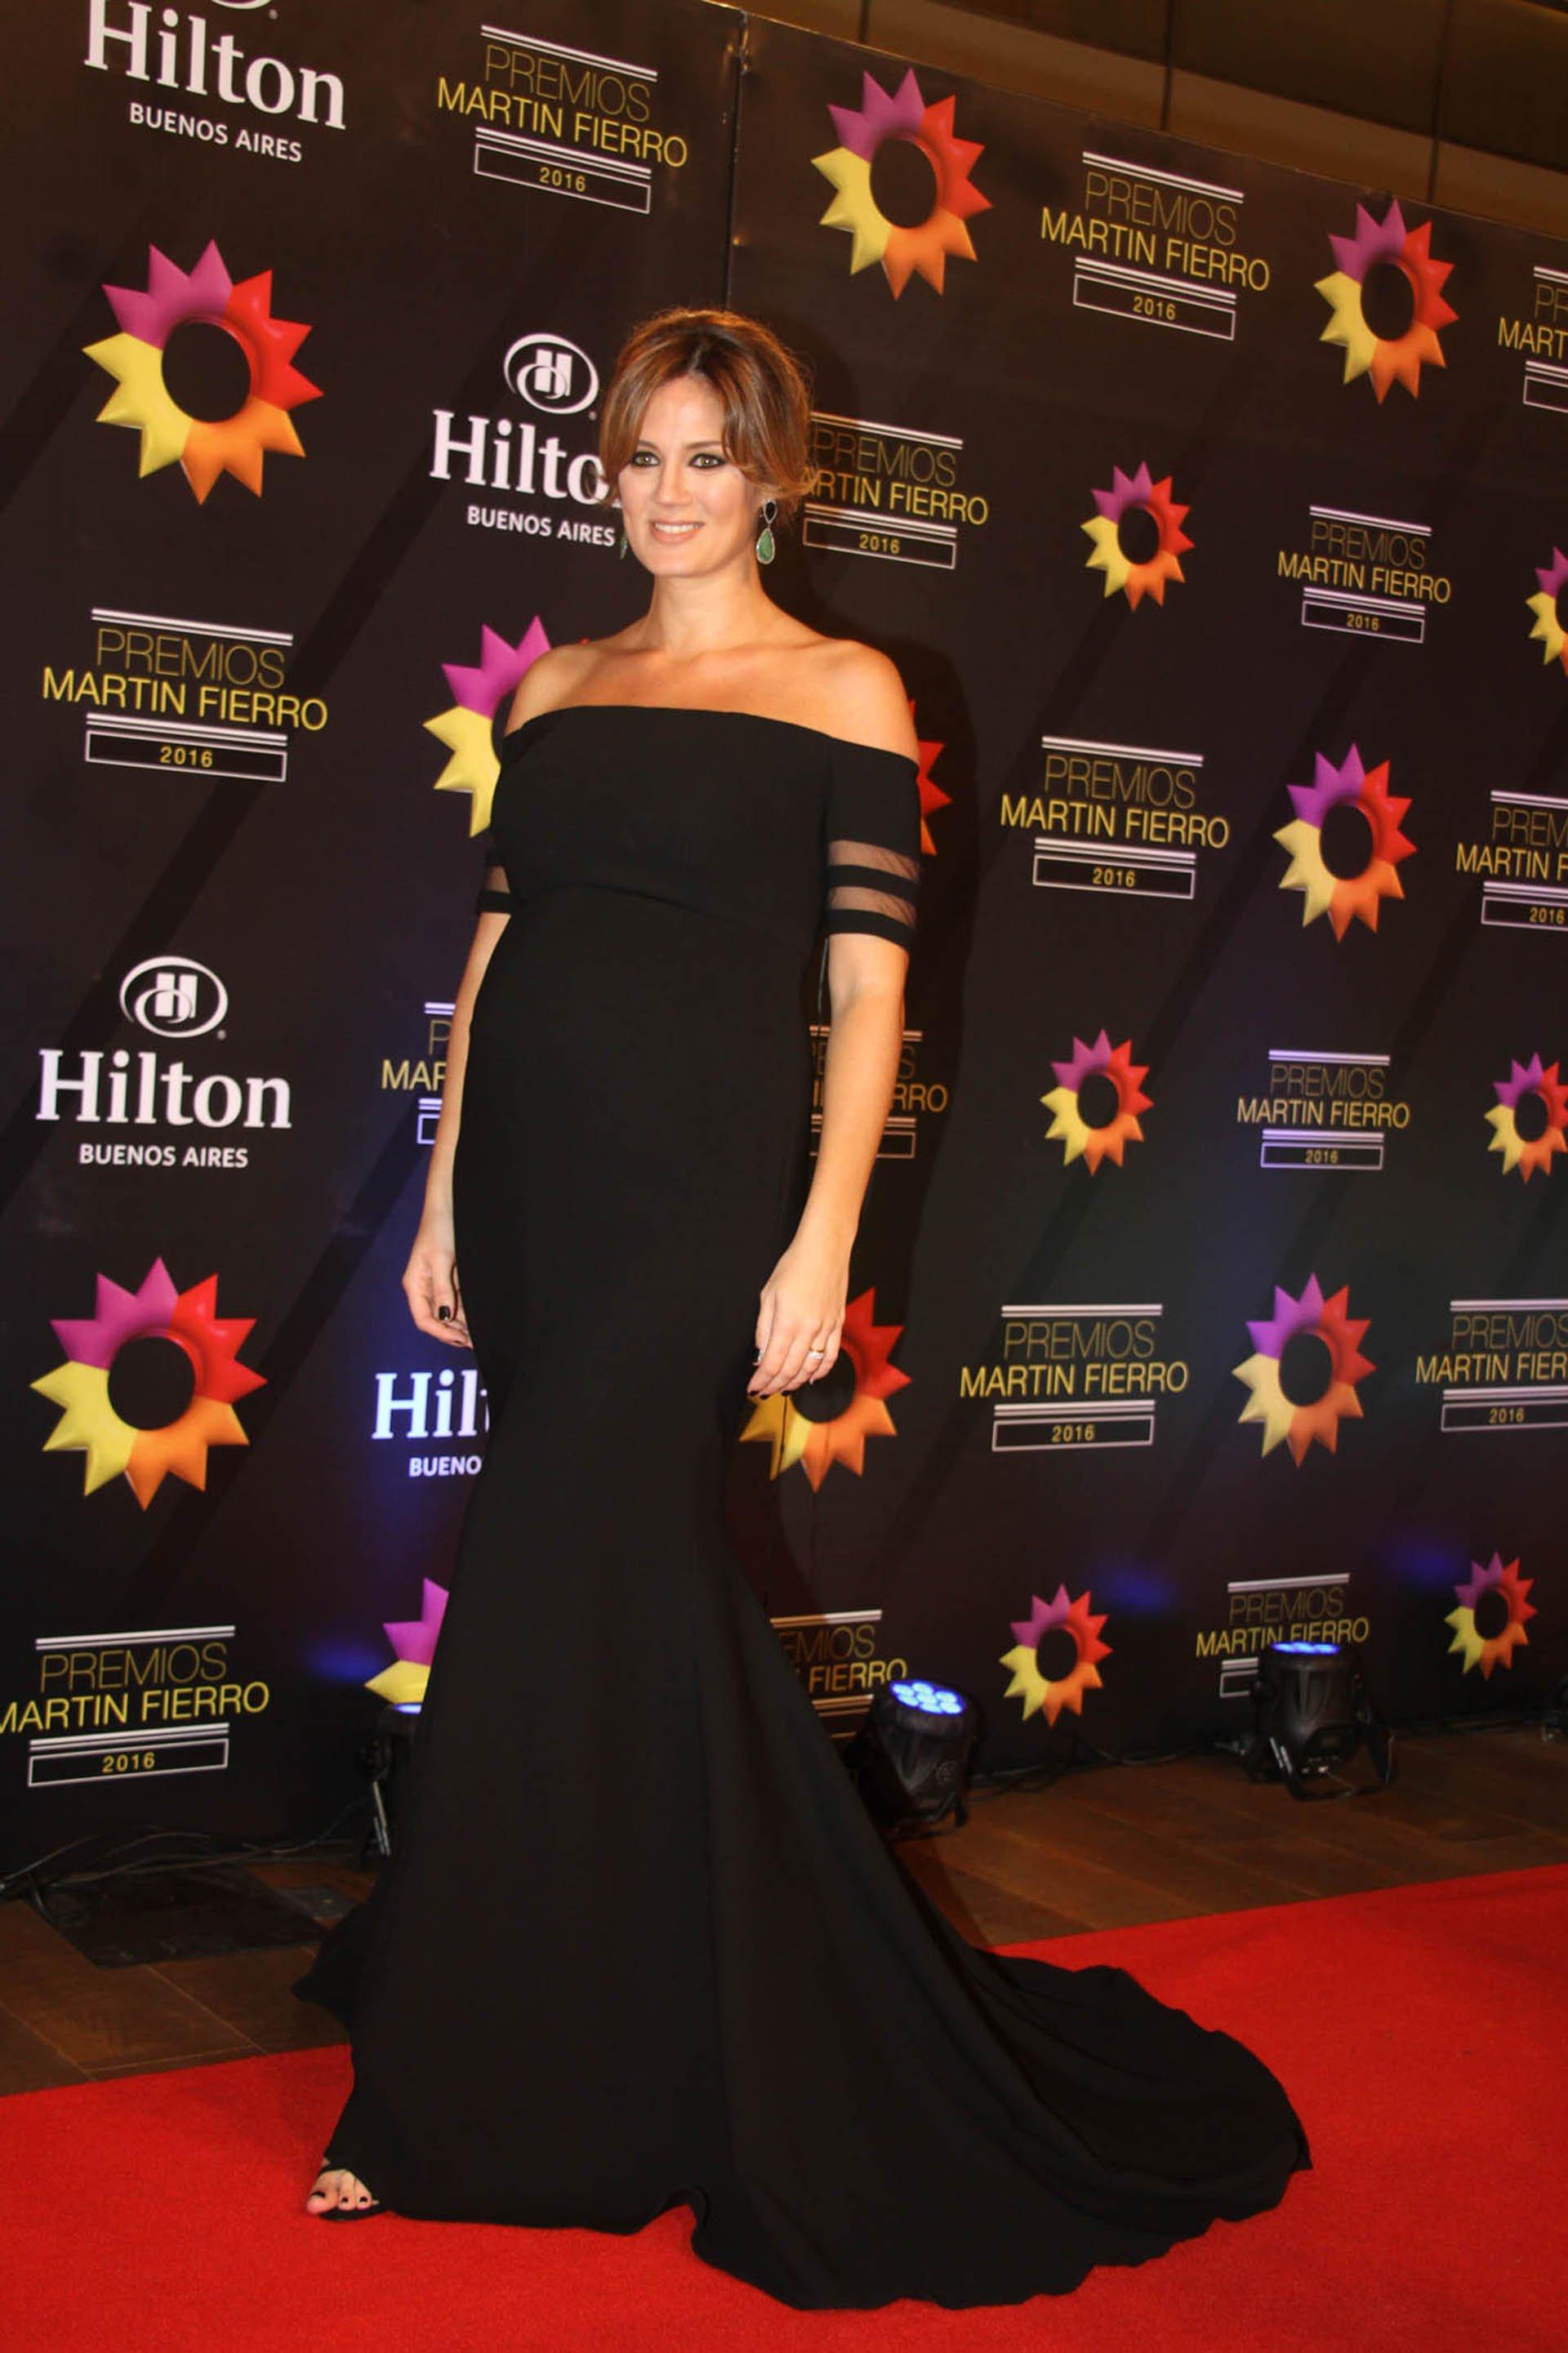 Paula Chaves, la modelo y esposa de Pedro Alfonso, luce orgullosa su segundo embarazo en la noche más importante de la televisión argentina.